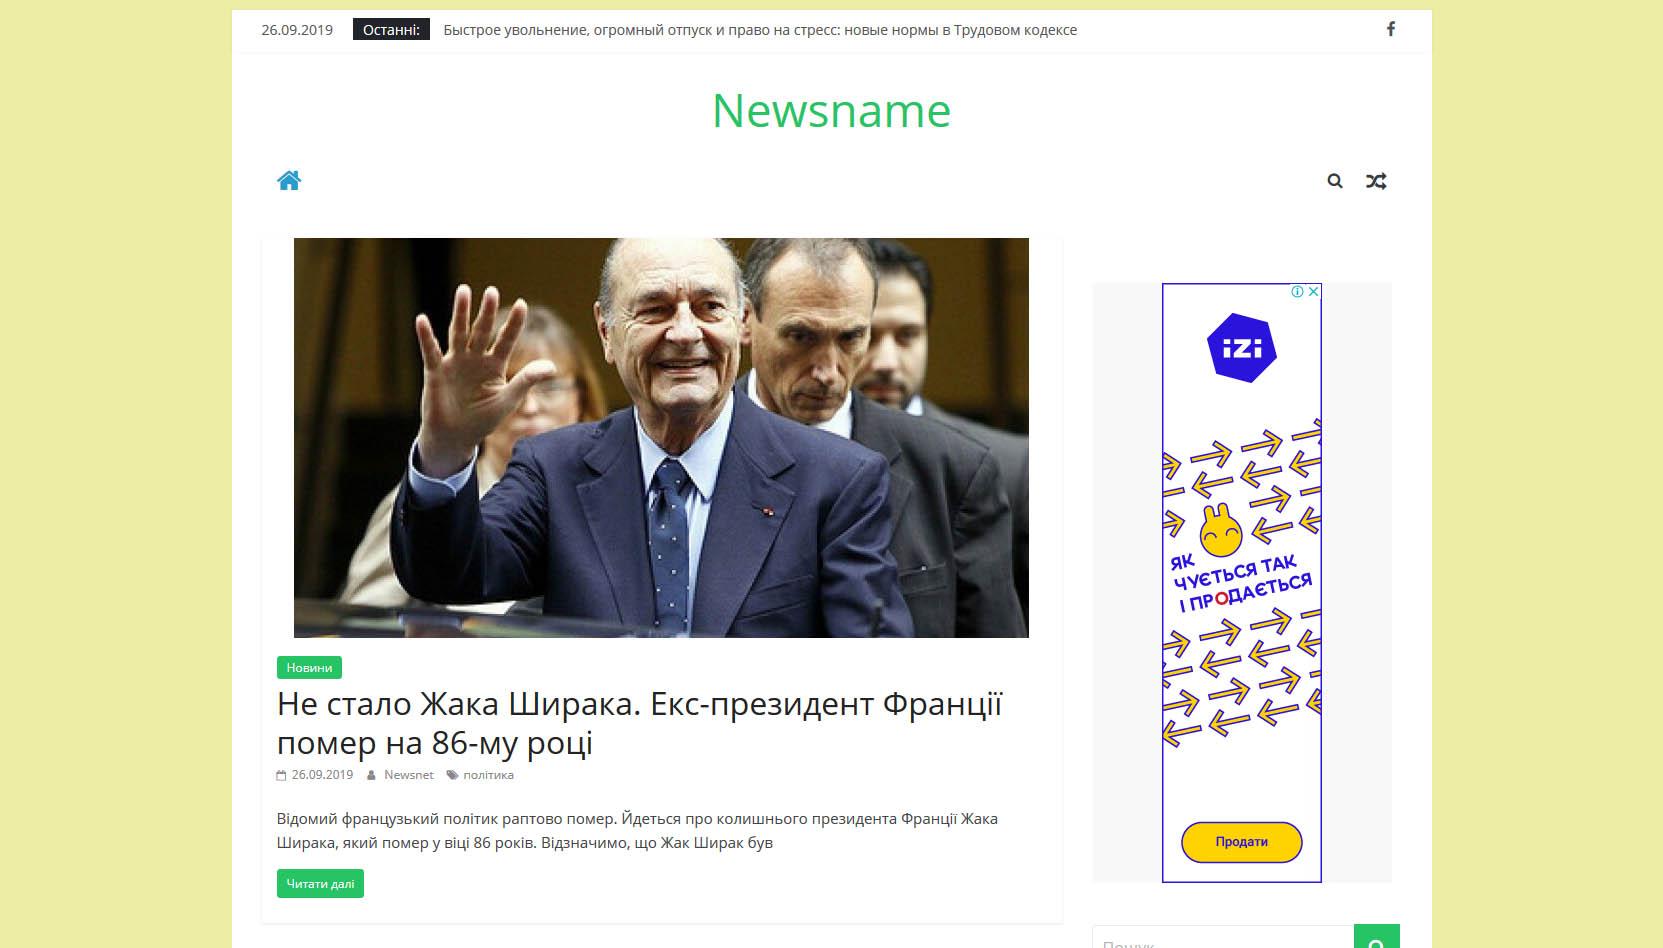 Newsname - фейковый сайт